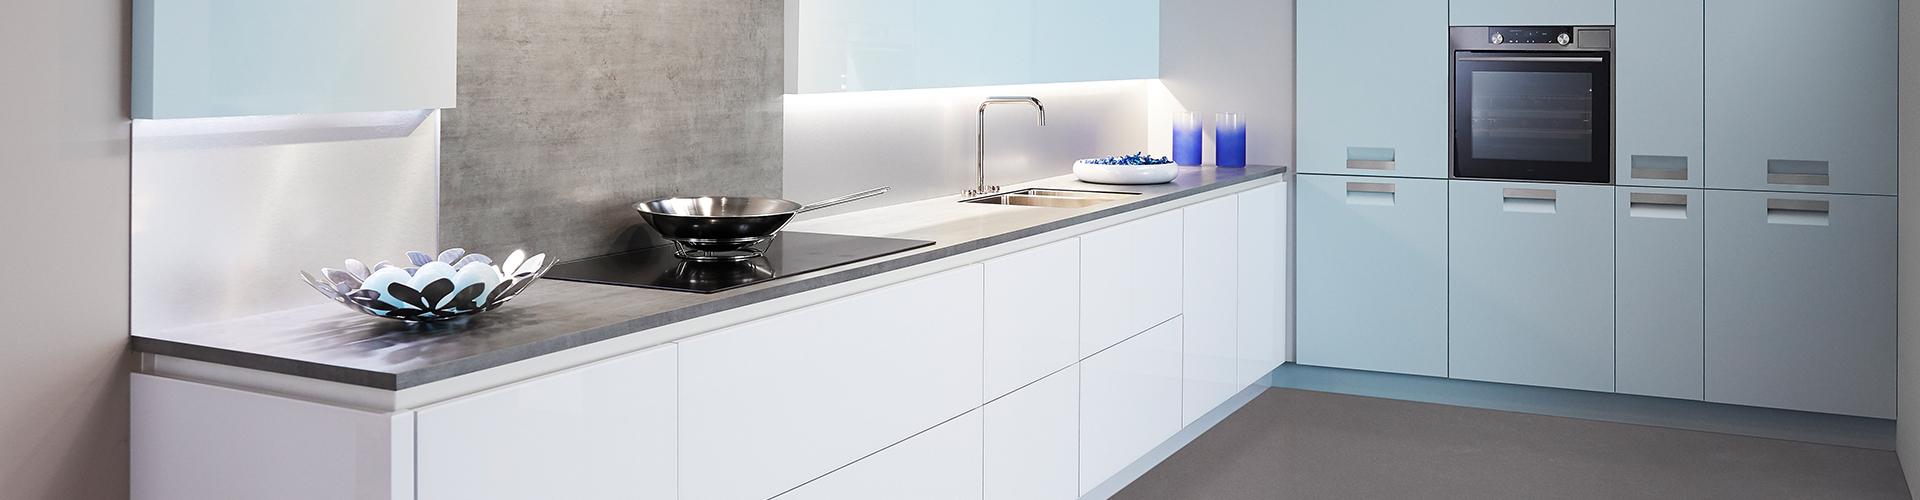 Keukens Intermat